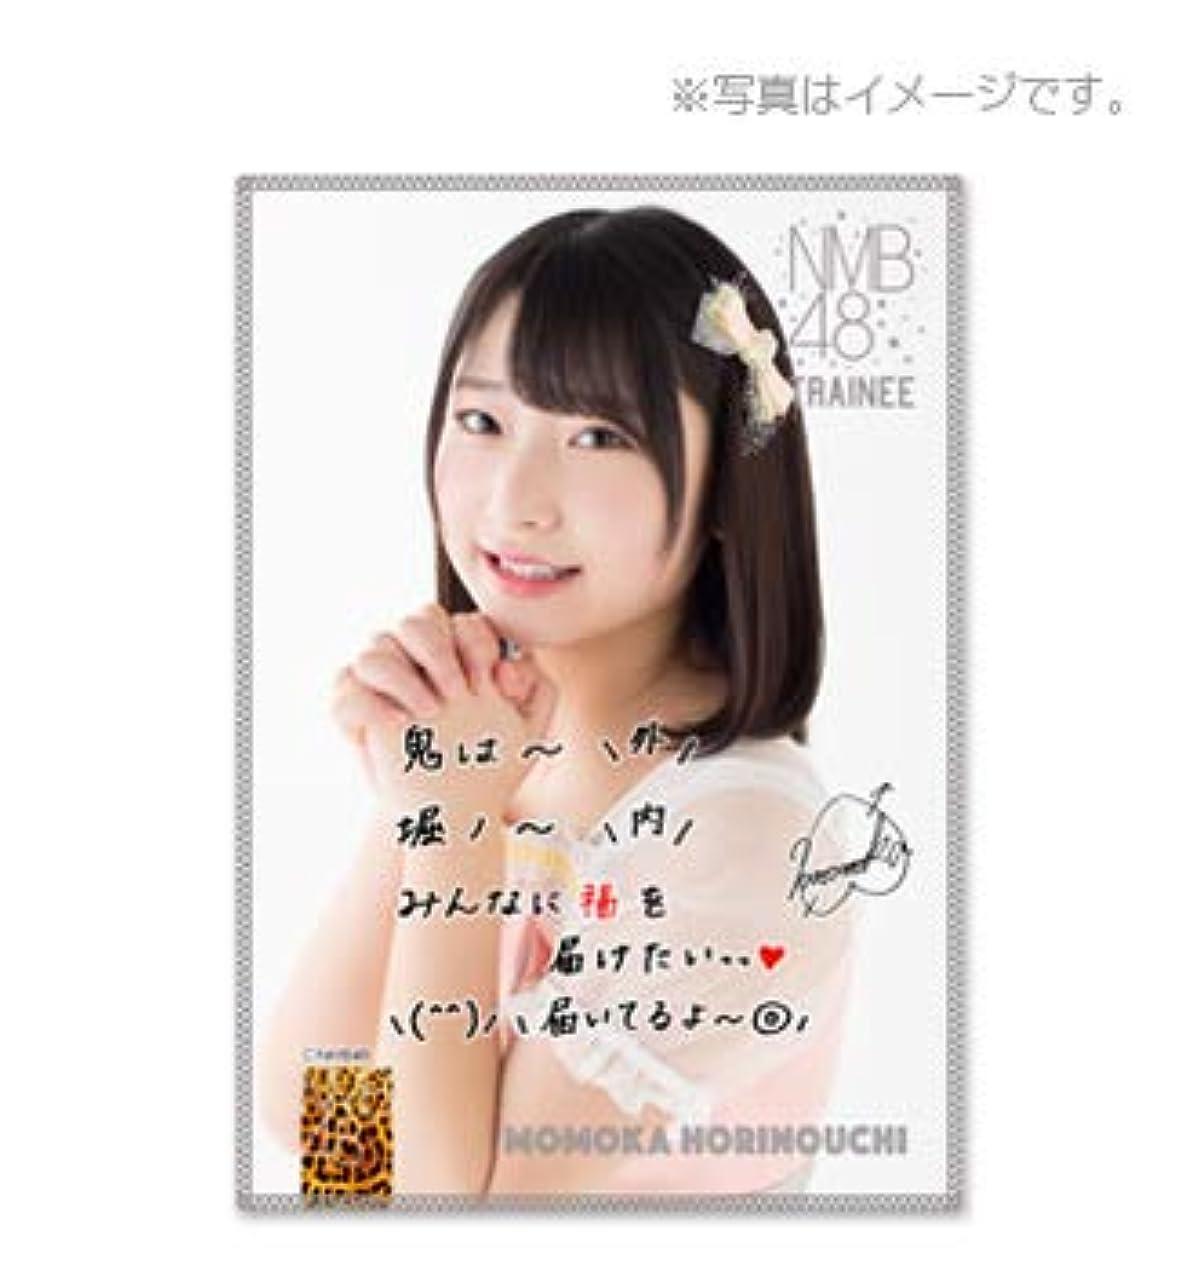 ラフト領事館集まるNMB48 研究生 キャッチフレーズ 推しタオル AKB 堀ノ内百香